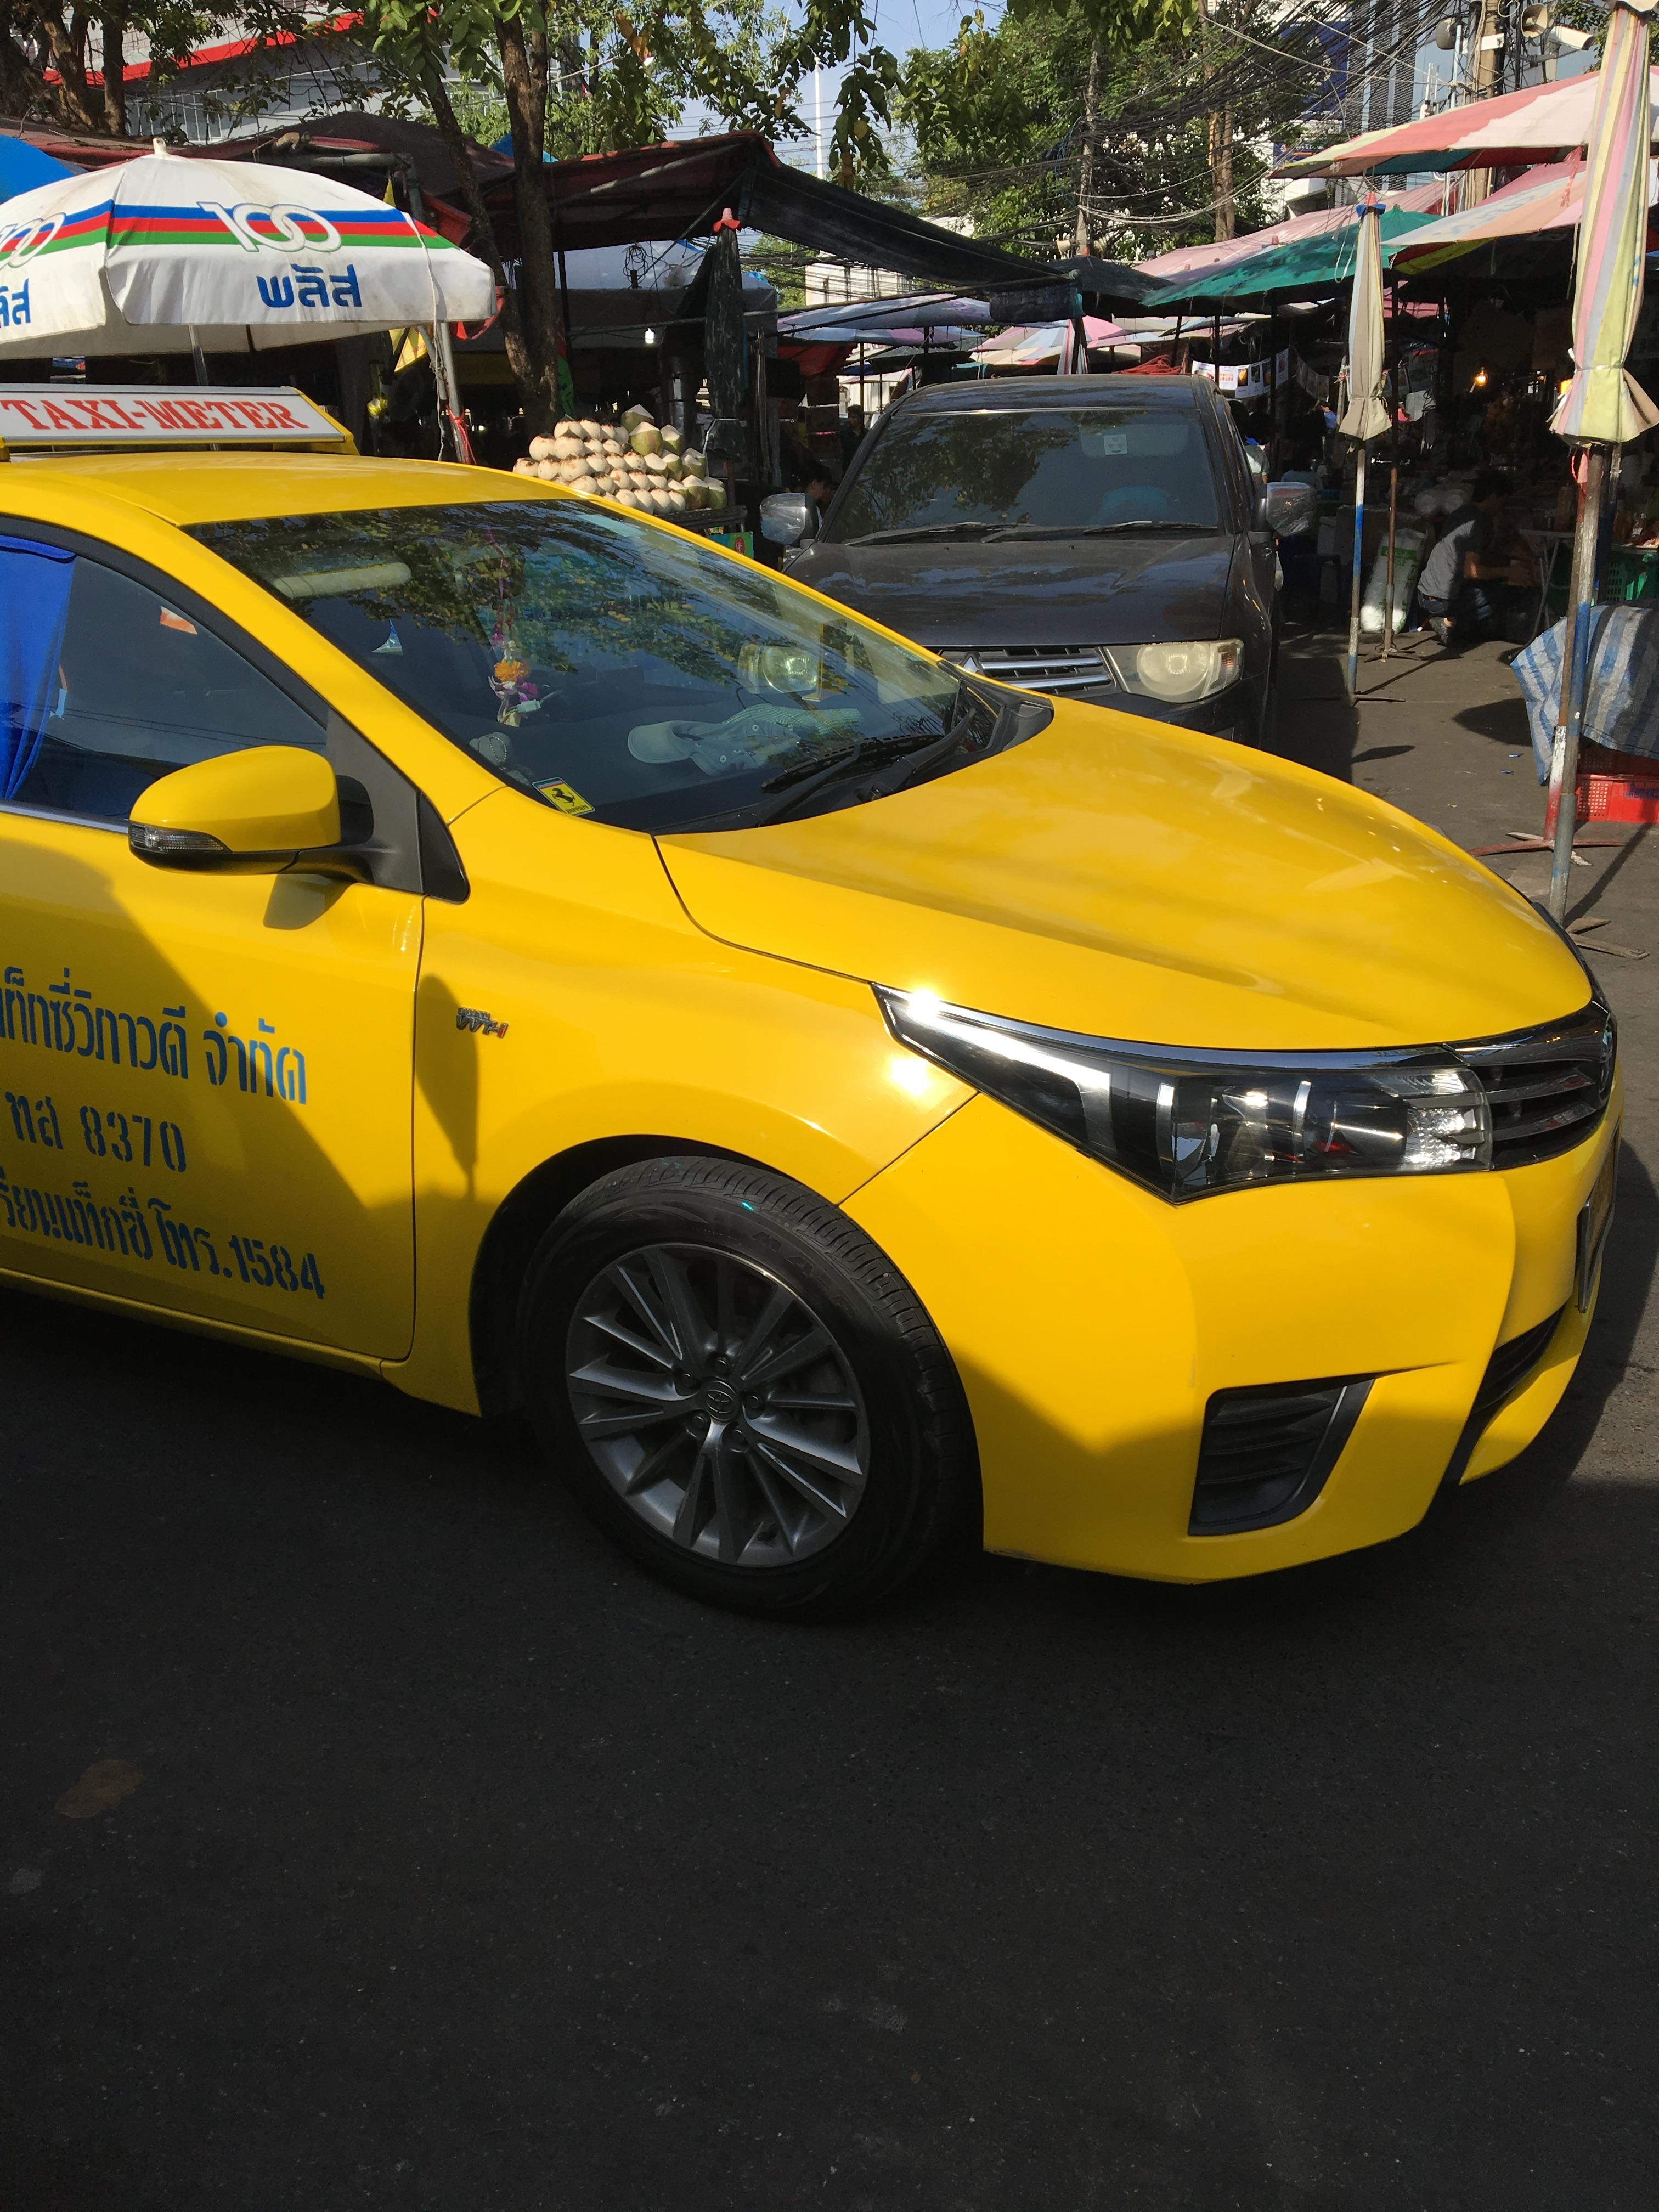 市内 ドンムアン空港 タクシー,ドンムアン空港 タクシー 料金,ドンムアン空港 ホテル タクシー